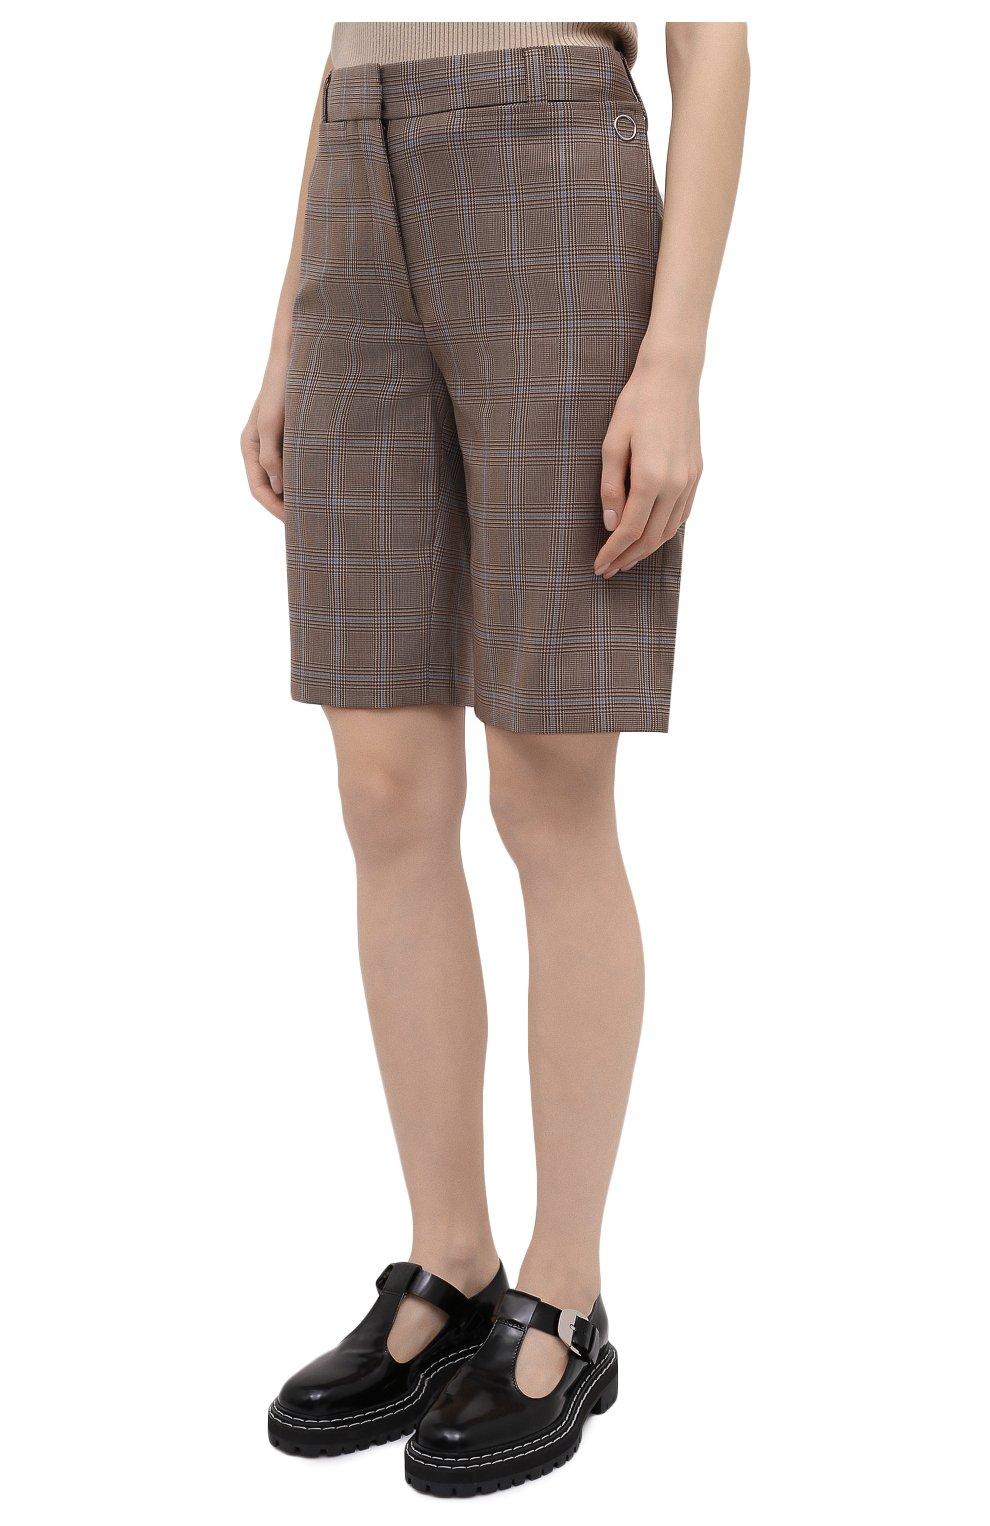 Женские шерстяные шорты BURBERRY коричневого цвета, арт. 8031218   Фото 4 (Женское Кросс-КТ: Шорты-одежда; Материал внешний: Шерсть; Длина Ж (юбки, платья, шорты): Мини; Материал подклада: Купро)